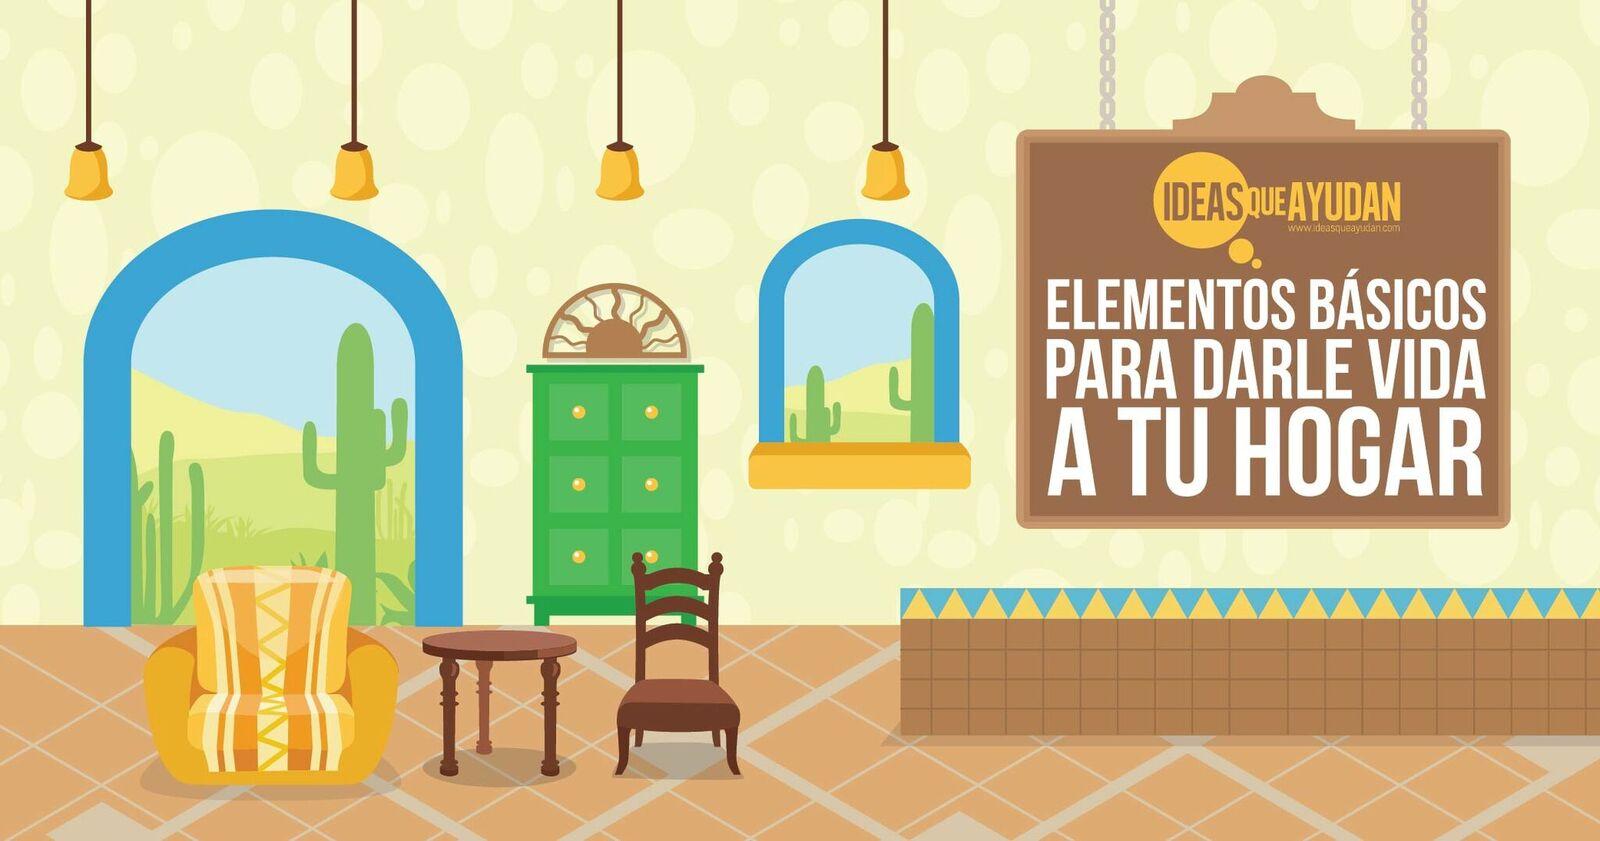 Elementos basicos para darle vida a tu hogar